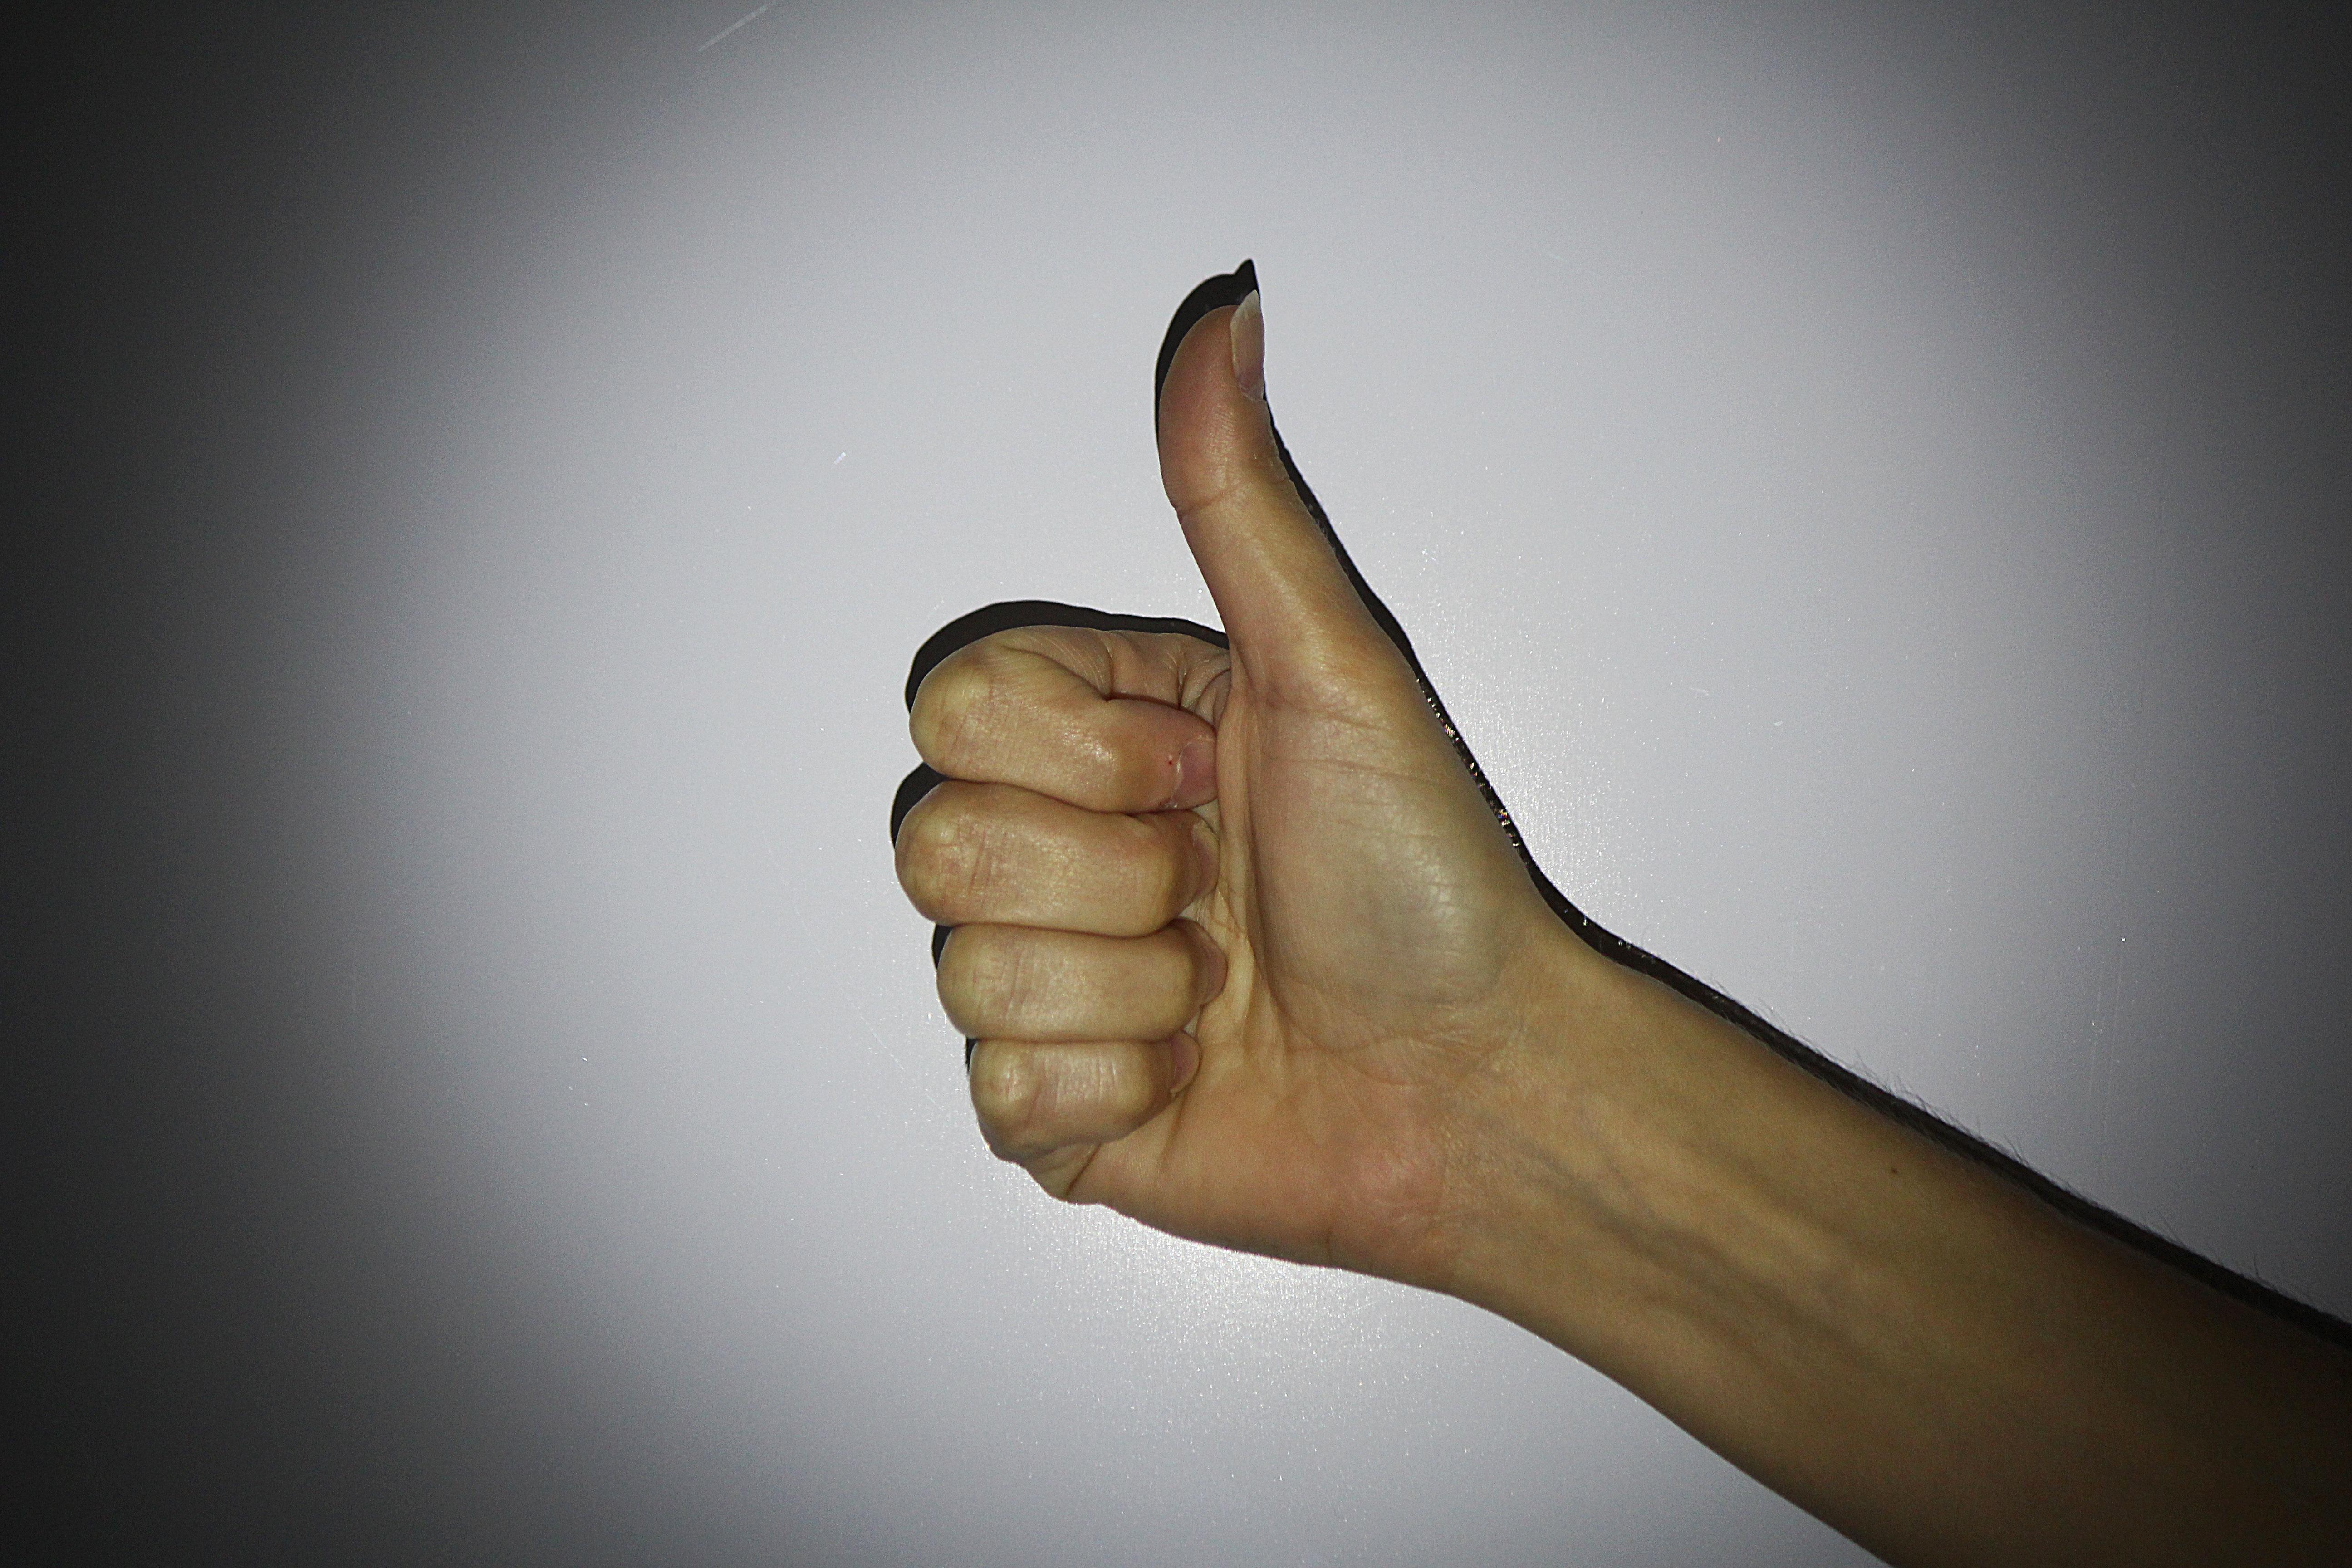 рука с большим пальцем картинка для этого